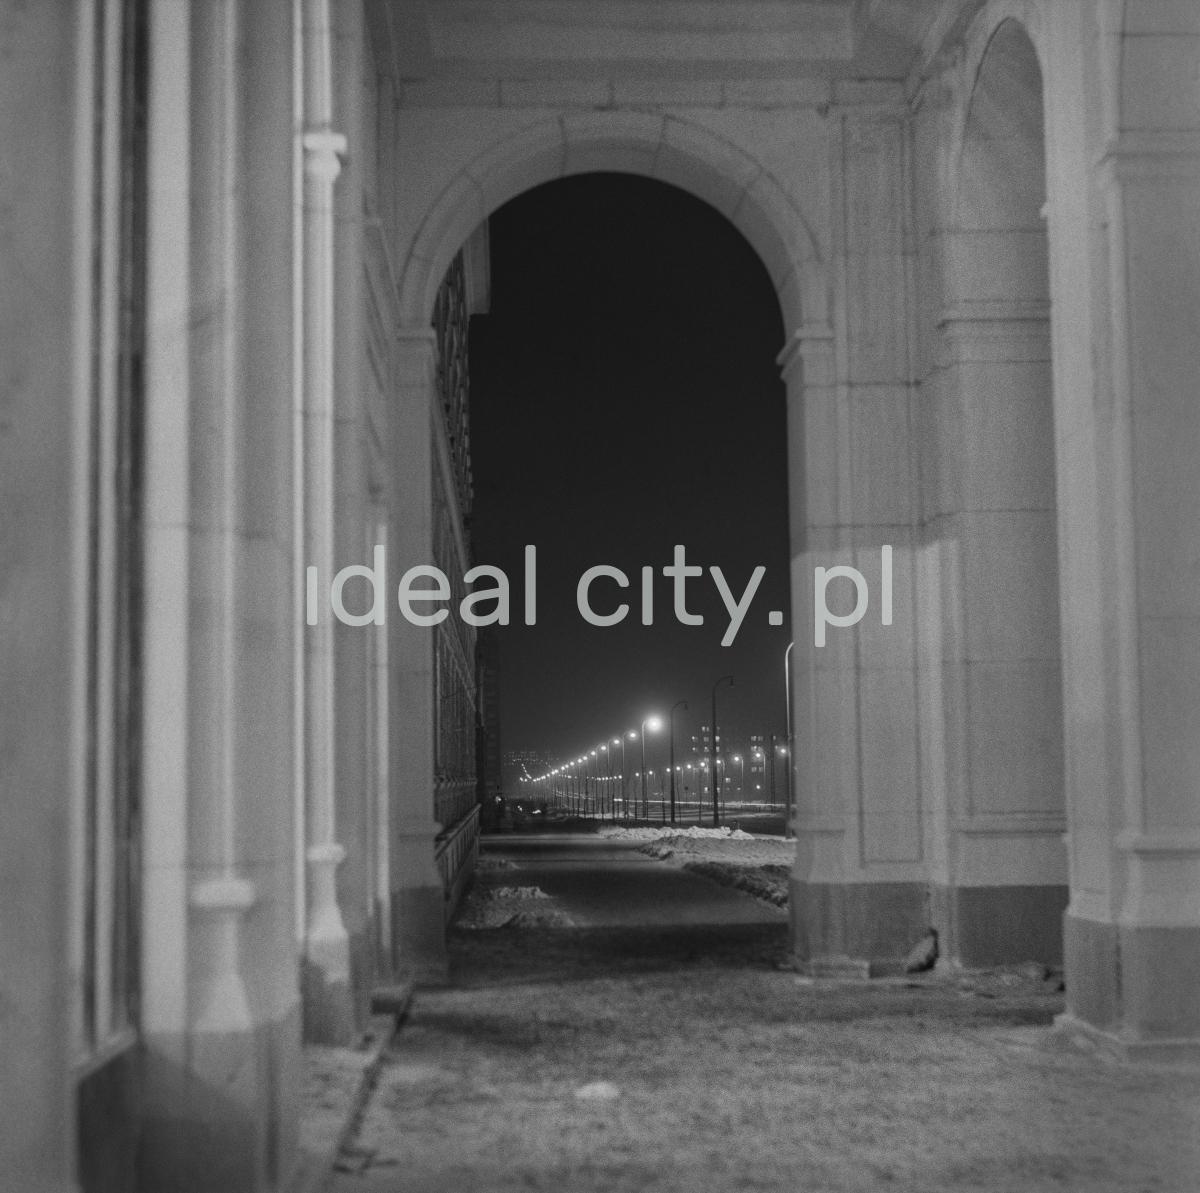 Nocna perspektywa oświetlonej ulicy, ujęcie spod arkad budynku mieszkalnego.